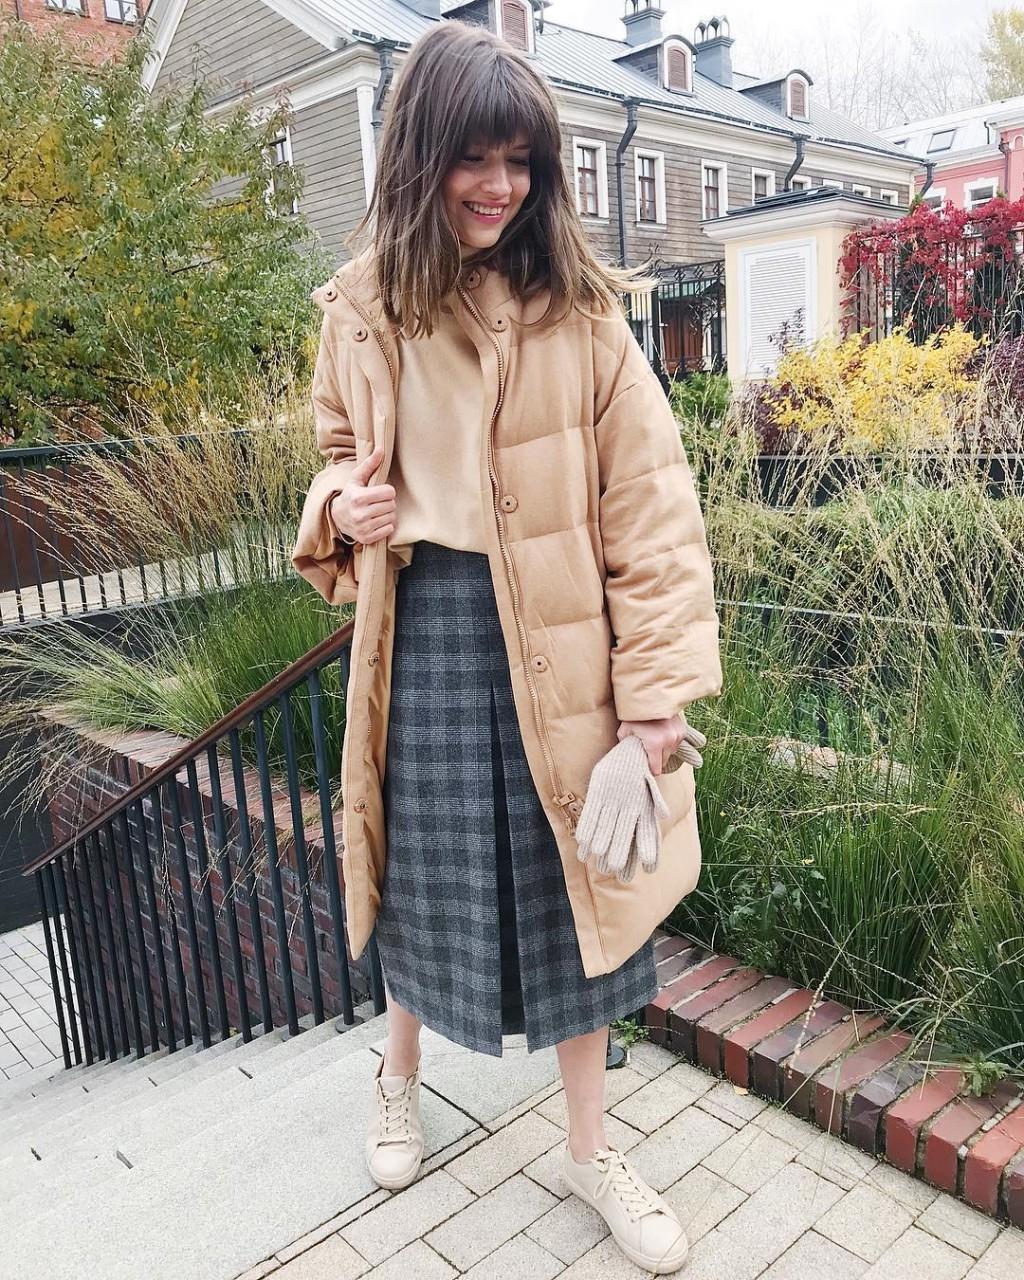 21 великолепных образов с юбками